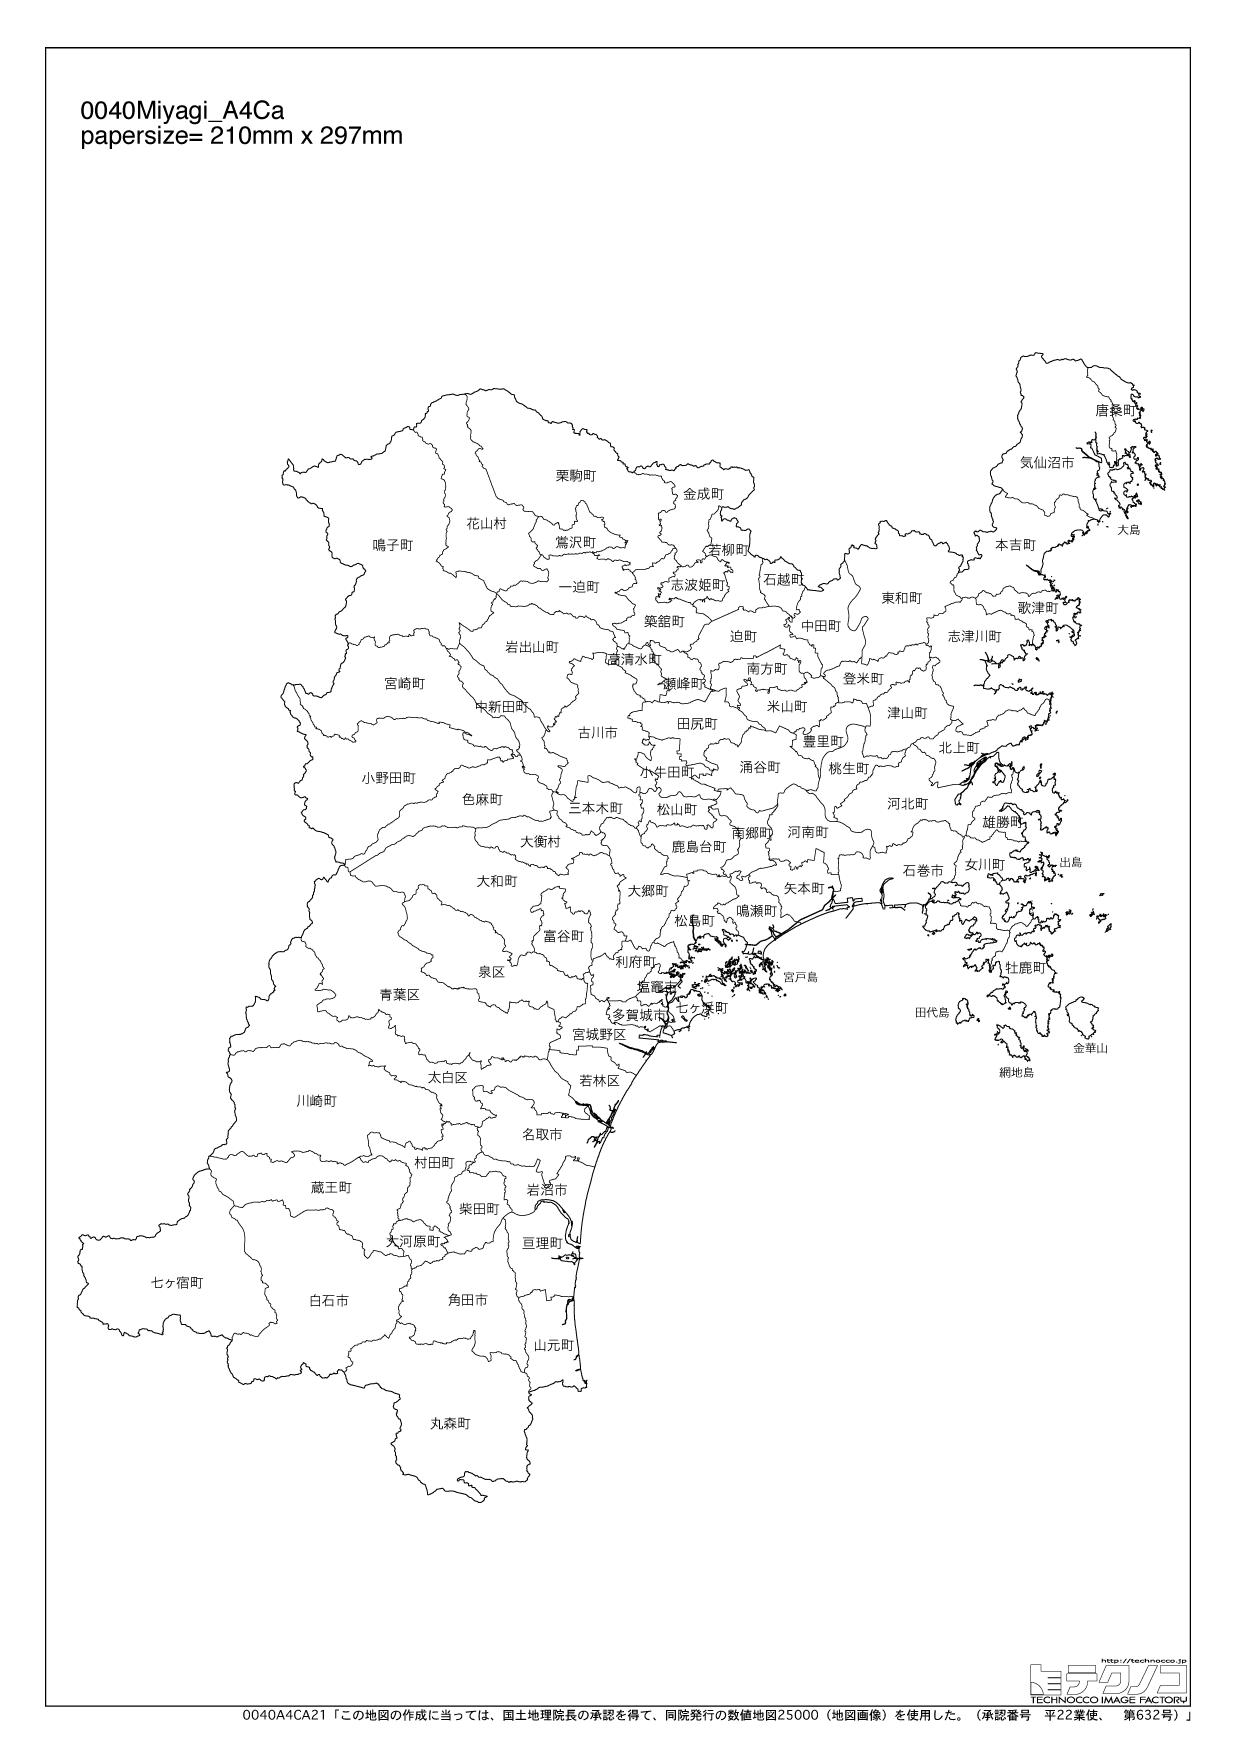 合併以前の宮城県の白地図5 拡大(A4サイズ相当) pdfファイル(412k) 拡大(A4サイズ